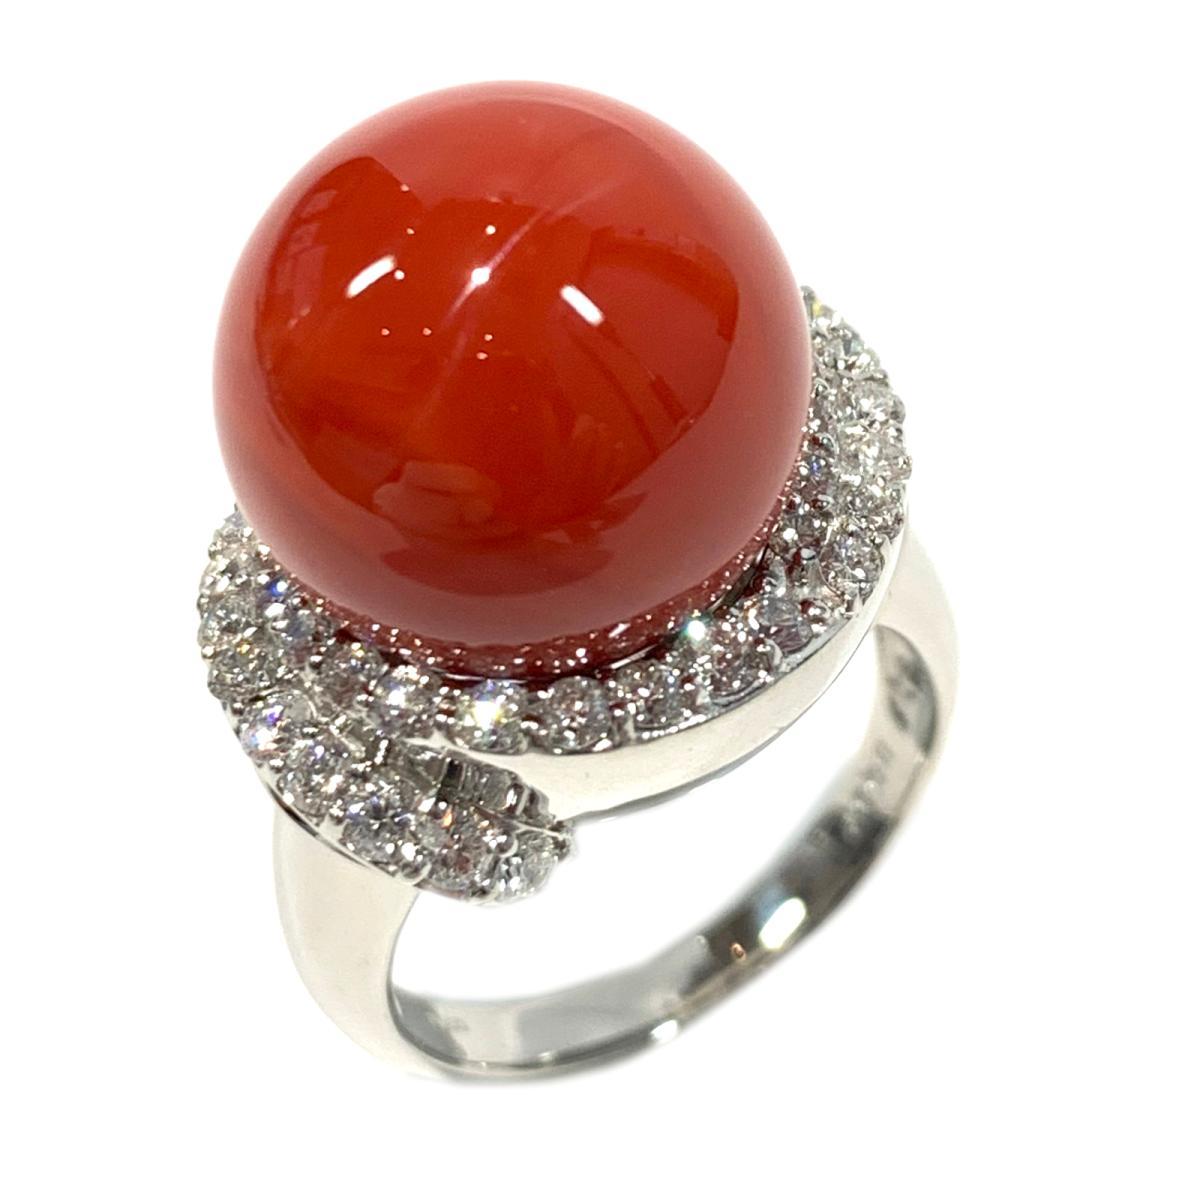 【中古】 ジュエリー サンゴリング 指輪 レディース PT900 プラチナサンゴ3087ct x ダイヤモンド0.97ct レッド クリアー シルバー | JEWELRY BRANDOFF ブランドオフ ブランド アクセサリー リング